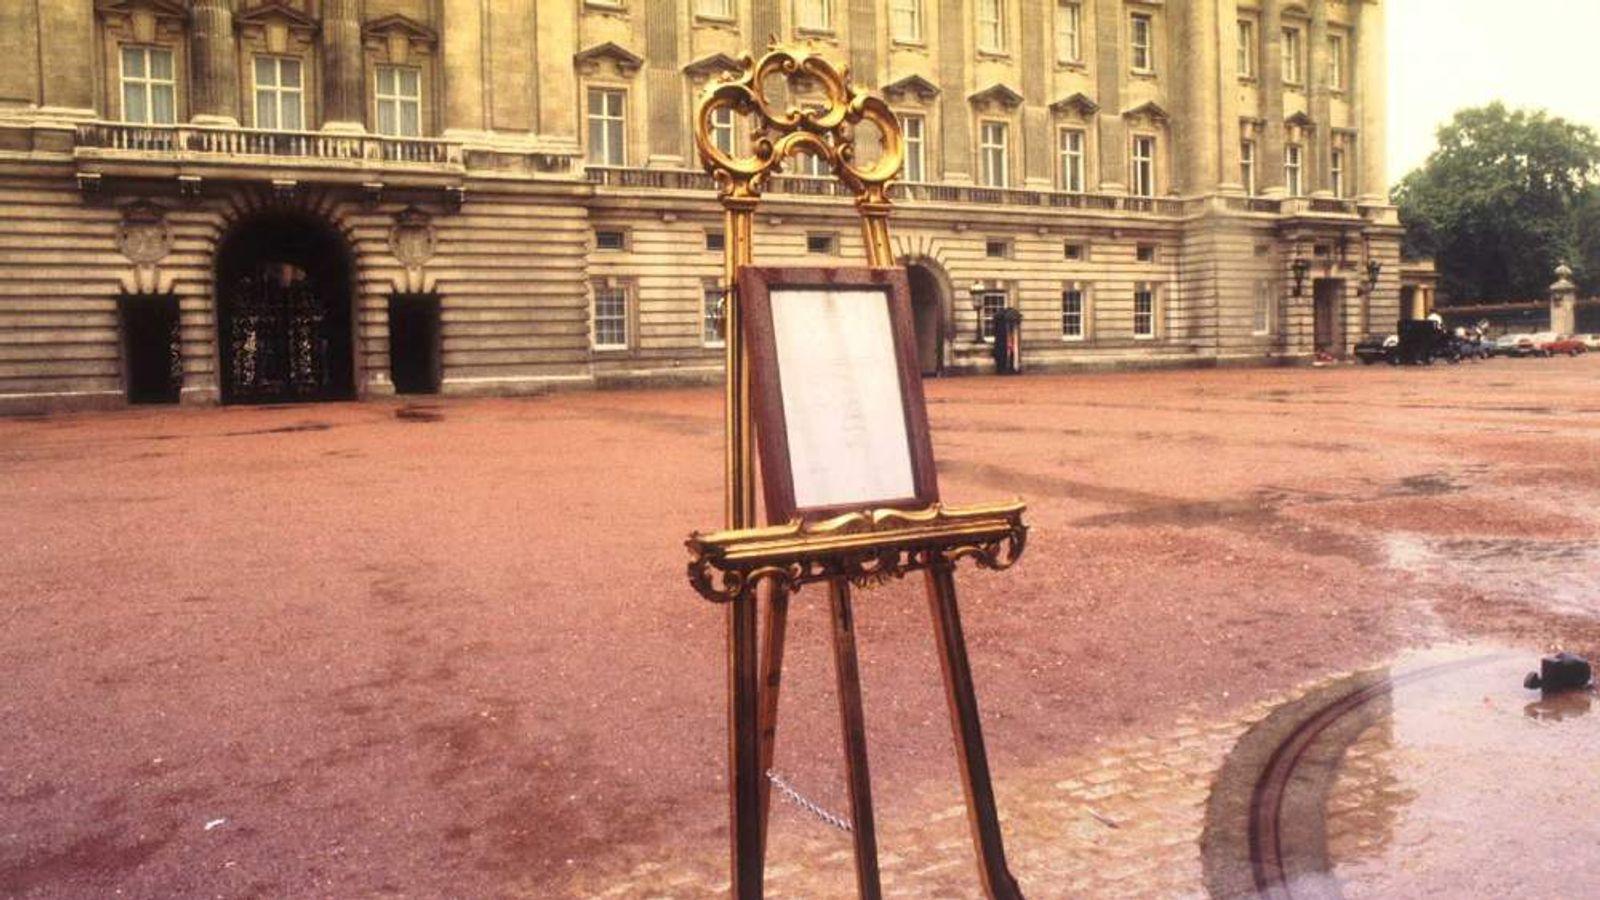 The Royal easel